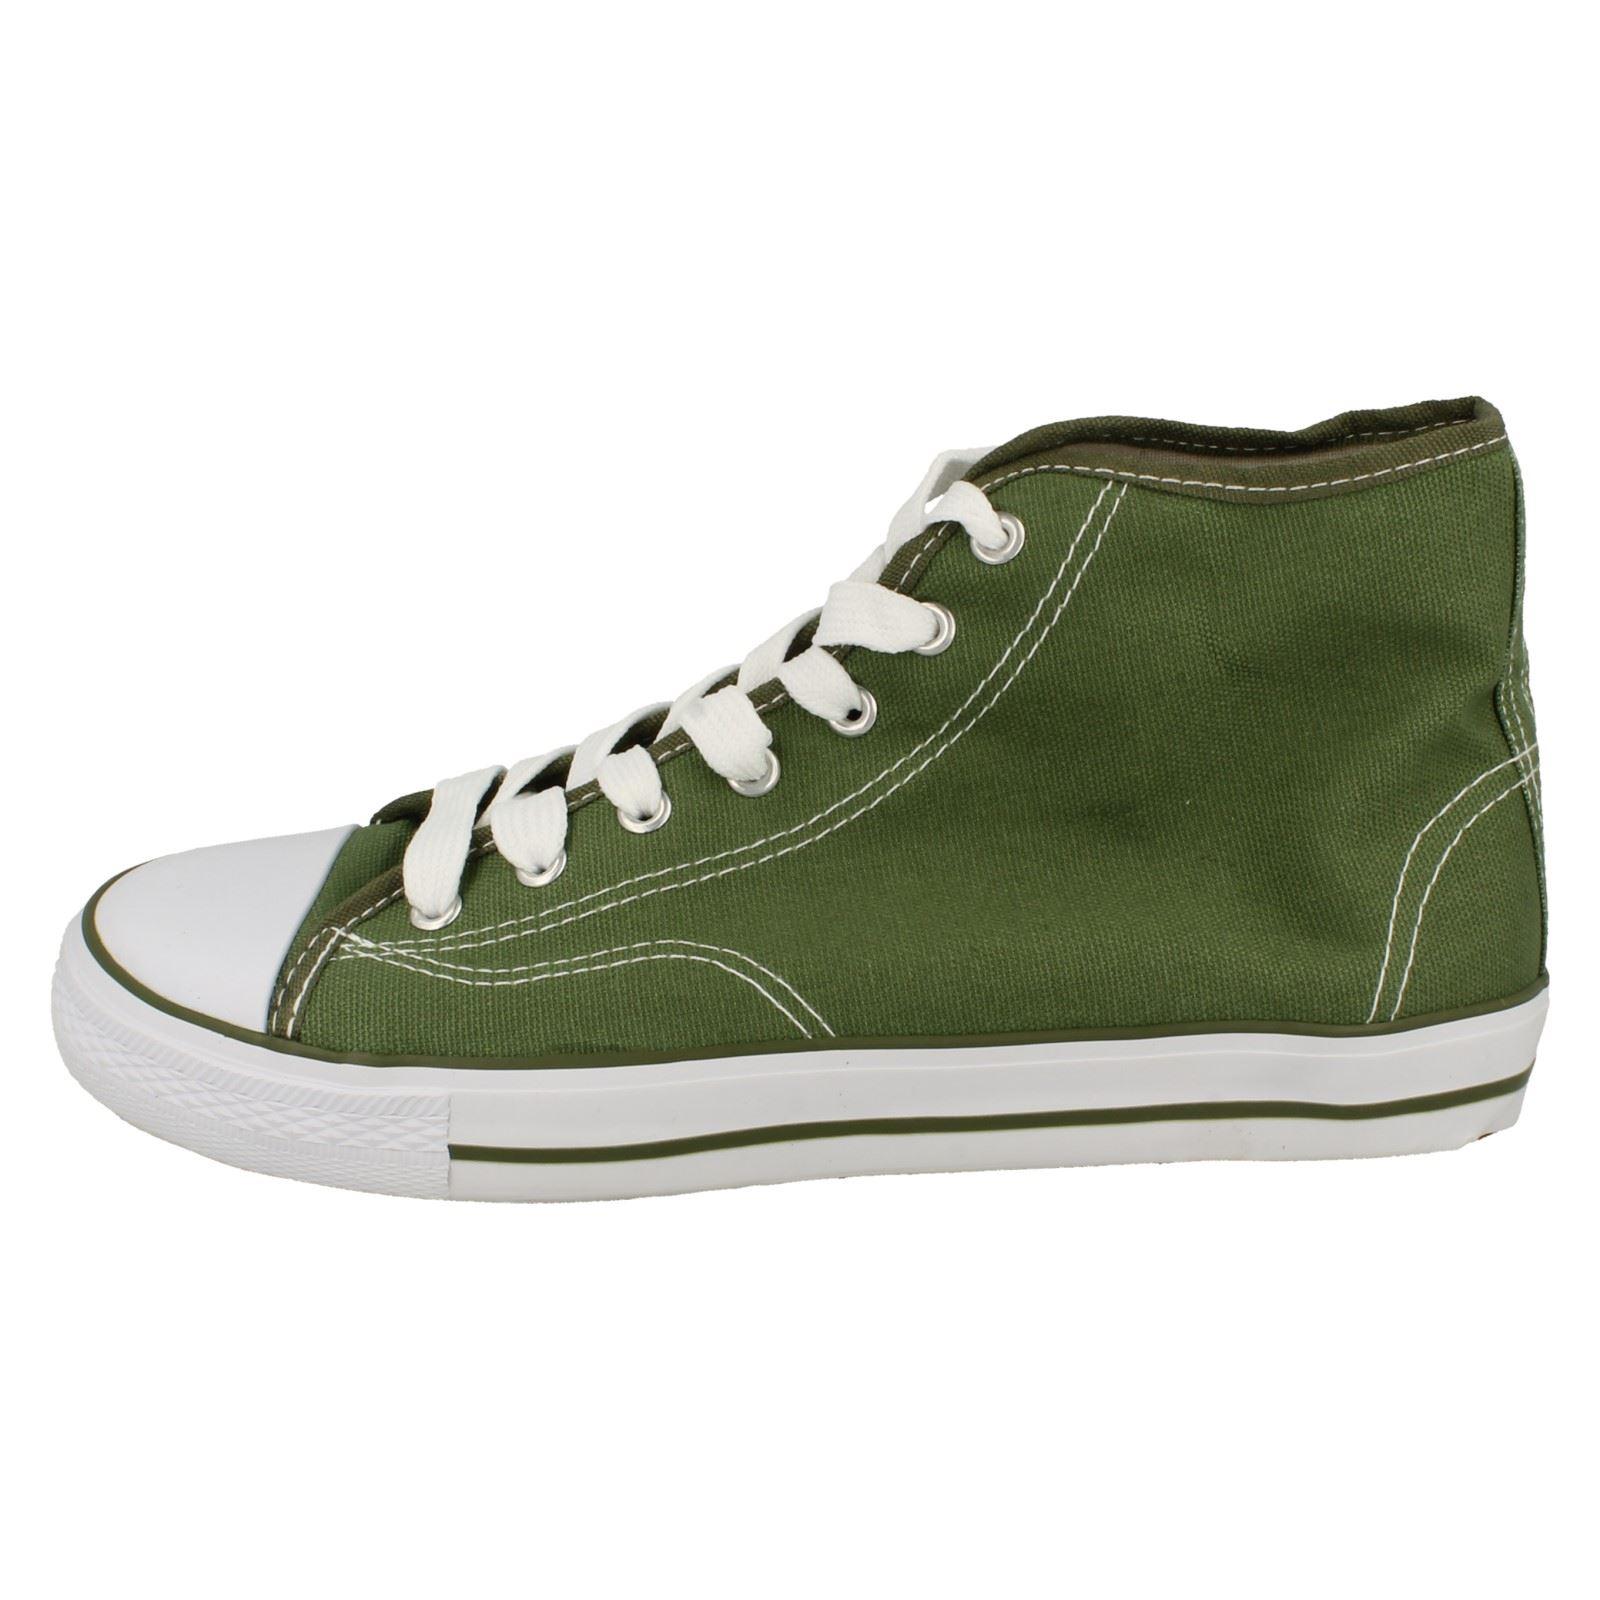 Spot-On-Chaussures-hautes-en-toile-Homme-KM565 miniature 20